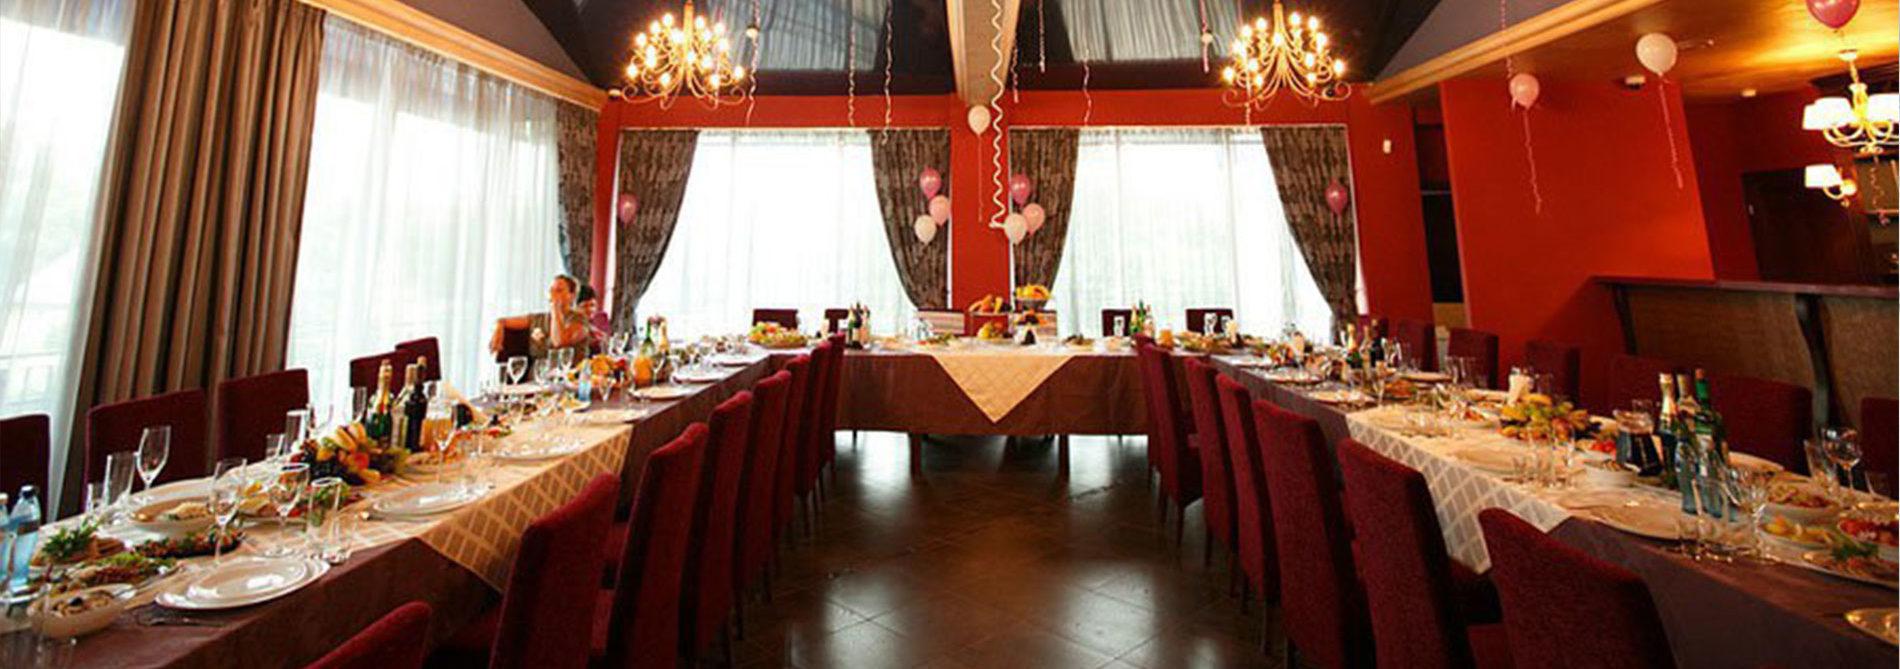 ресторан Встреча Калининград6